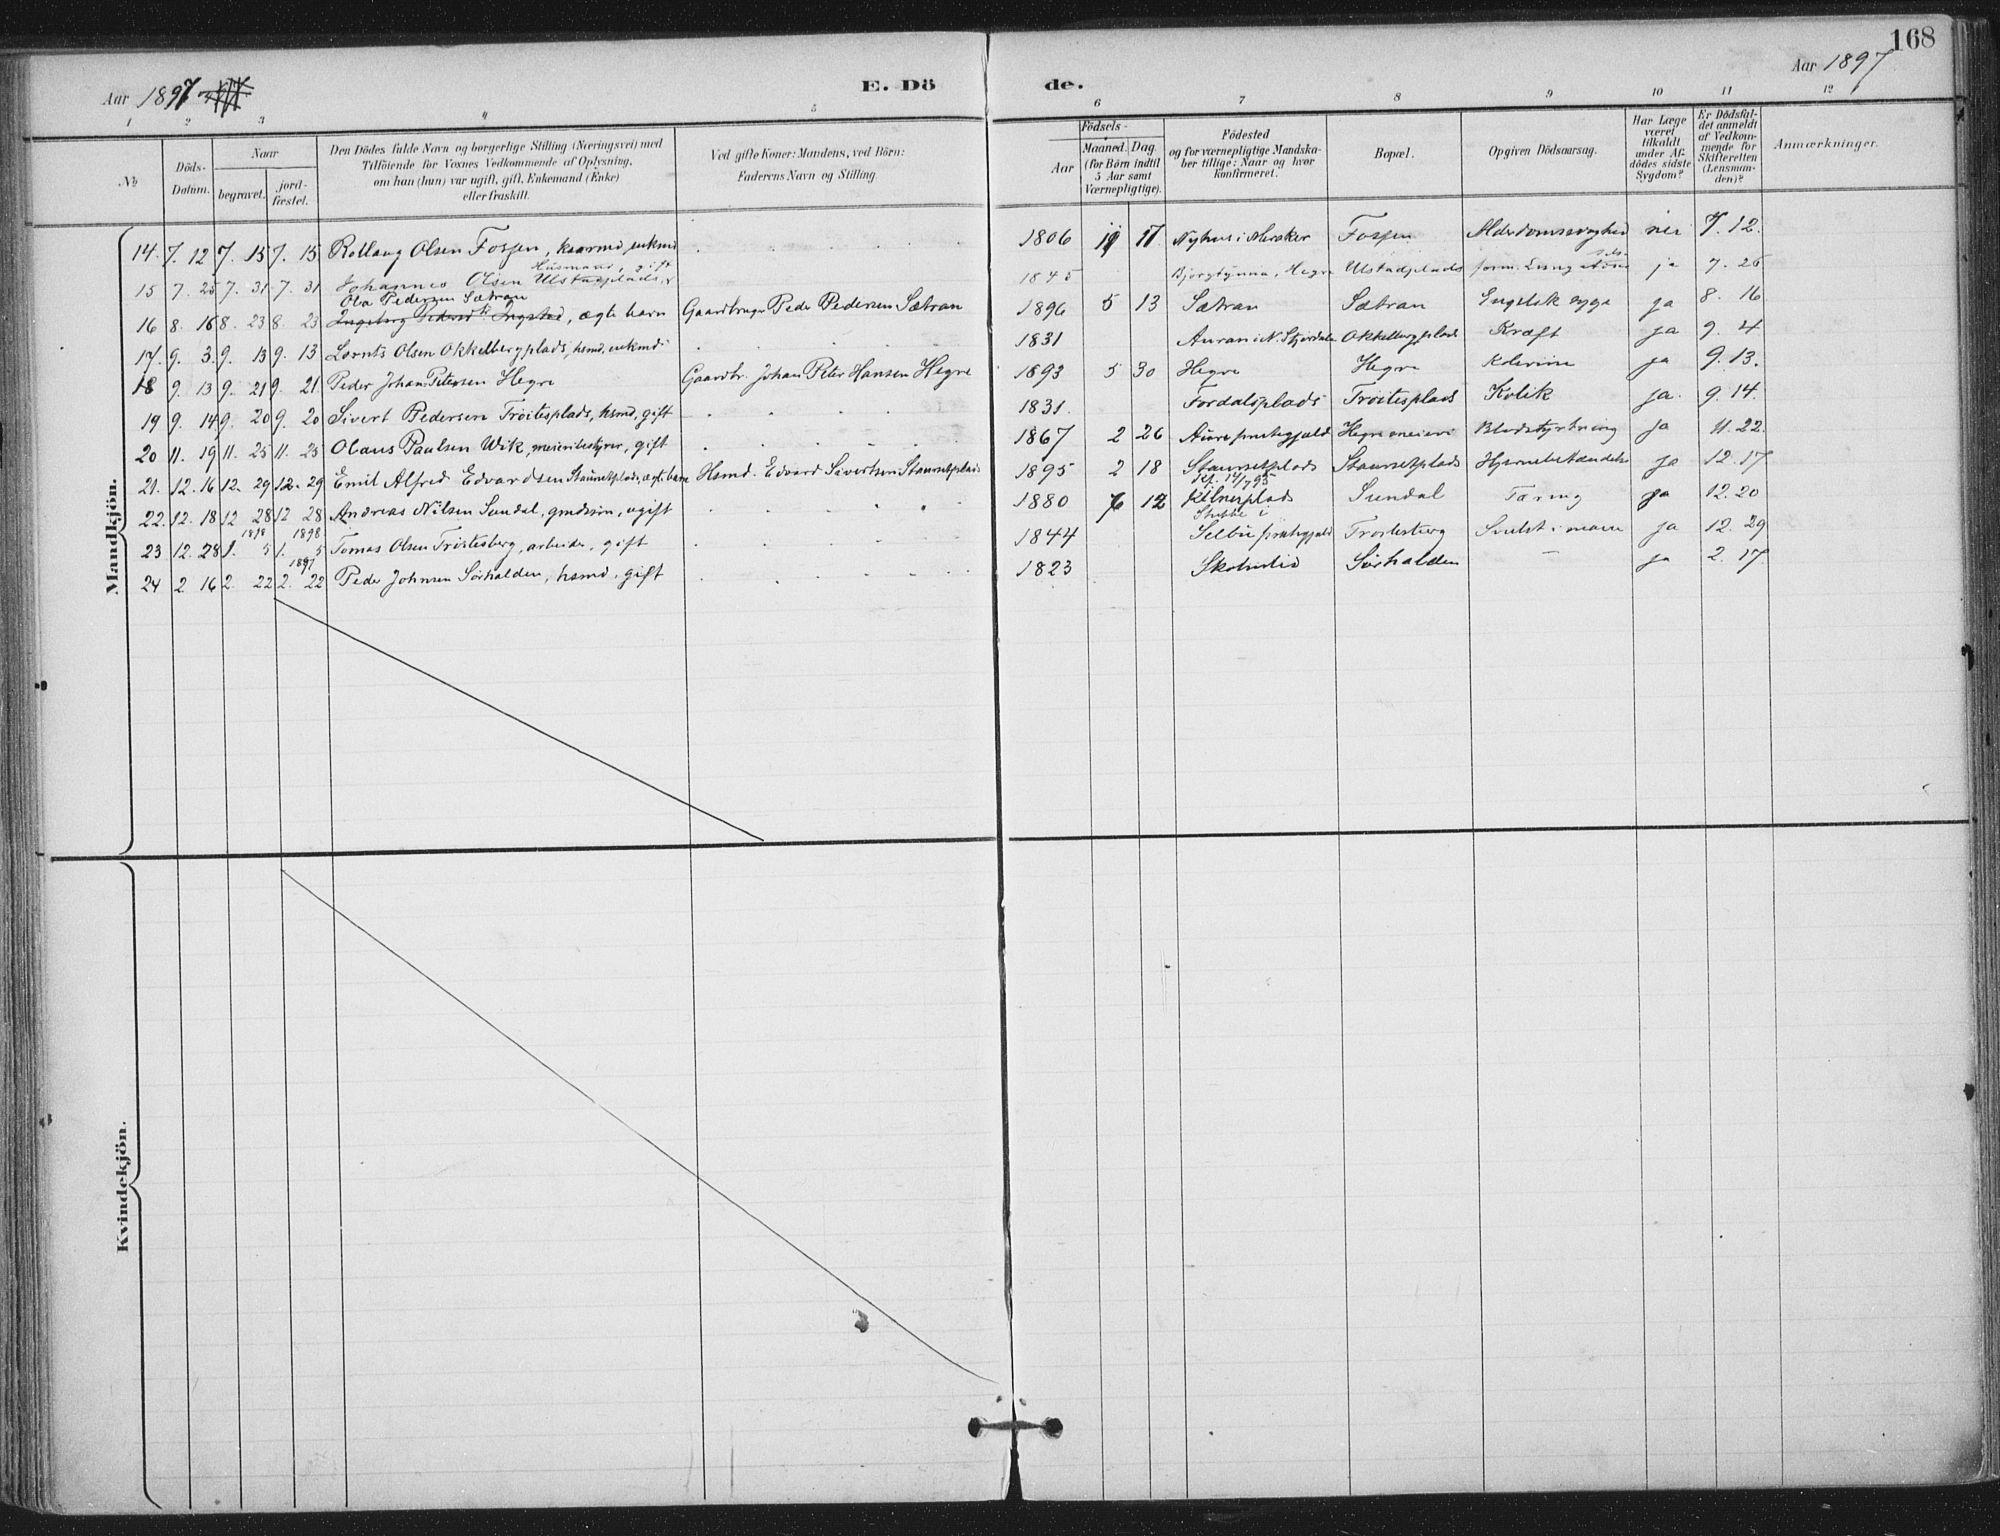 SAT, Ministerialprotokoller, klokkerbøker og fødselsregistre - Nord-Trøndelag, 703/L0031: Ministerialbok nr. 703A04, 1893-1914, s. 168